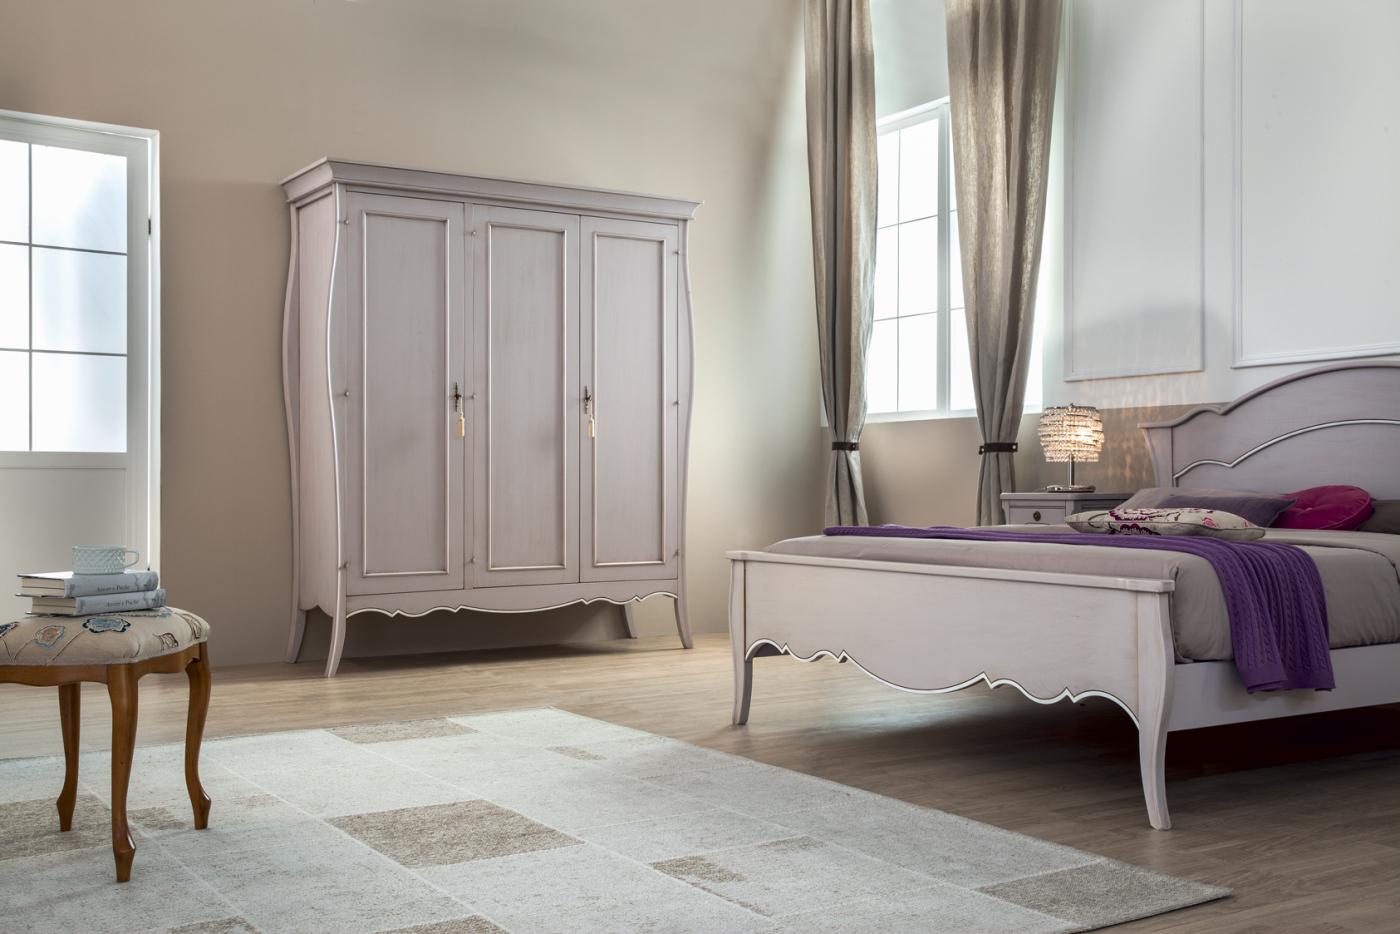 Camere da letto stile classico perfect camere da letto classiche cagliari classic night vendita - Camere da letto stile classico ...